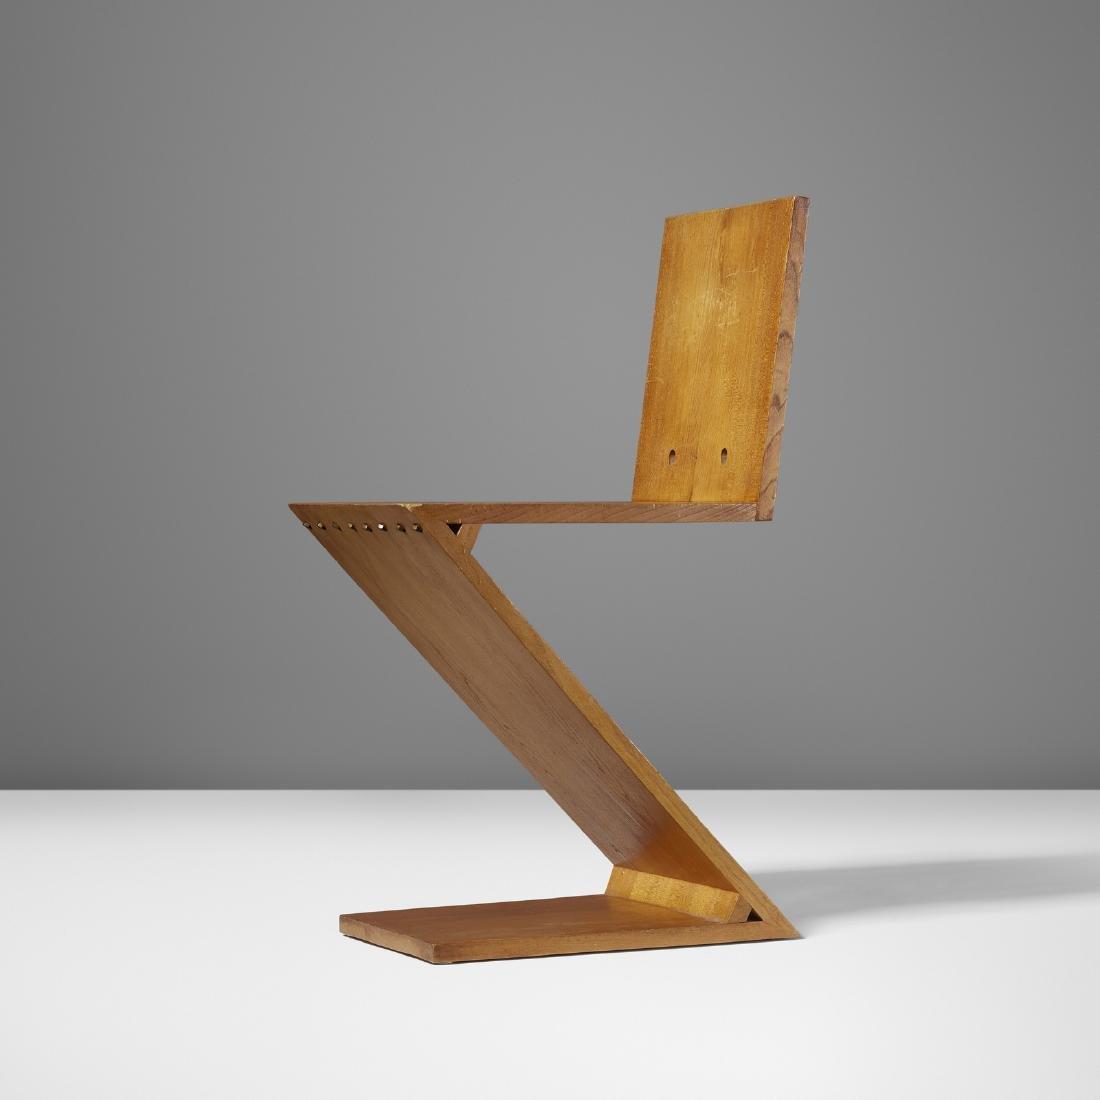 Gerrit Rietveld, Zig Zag chair